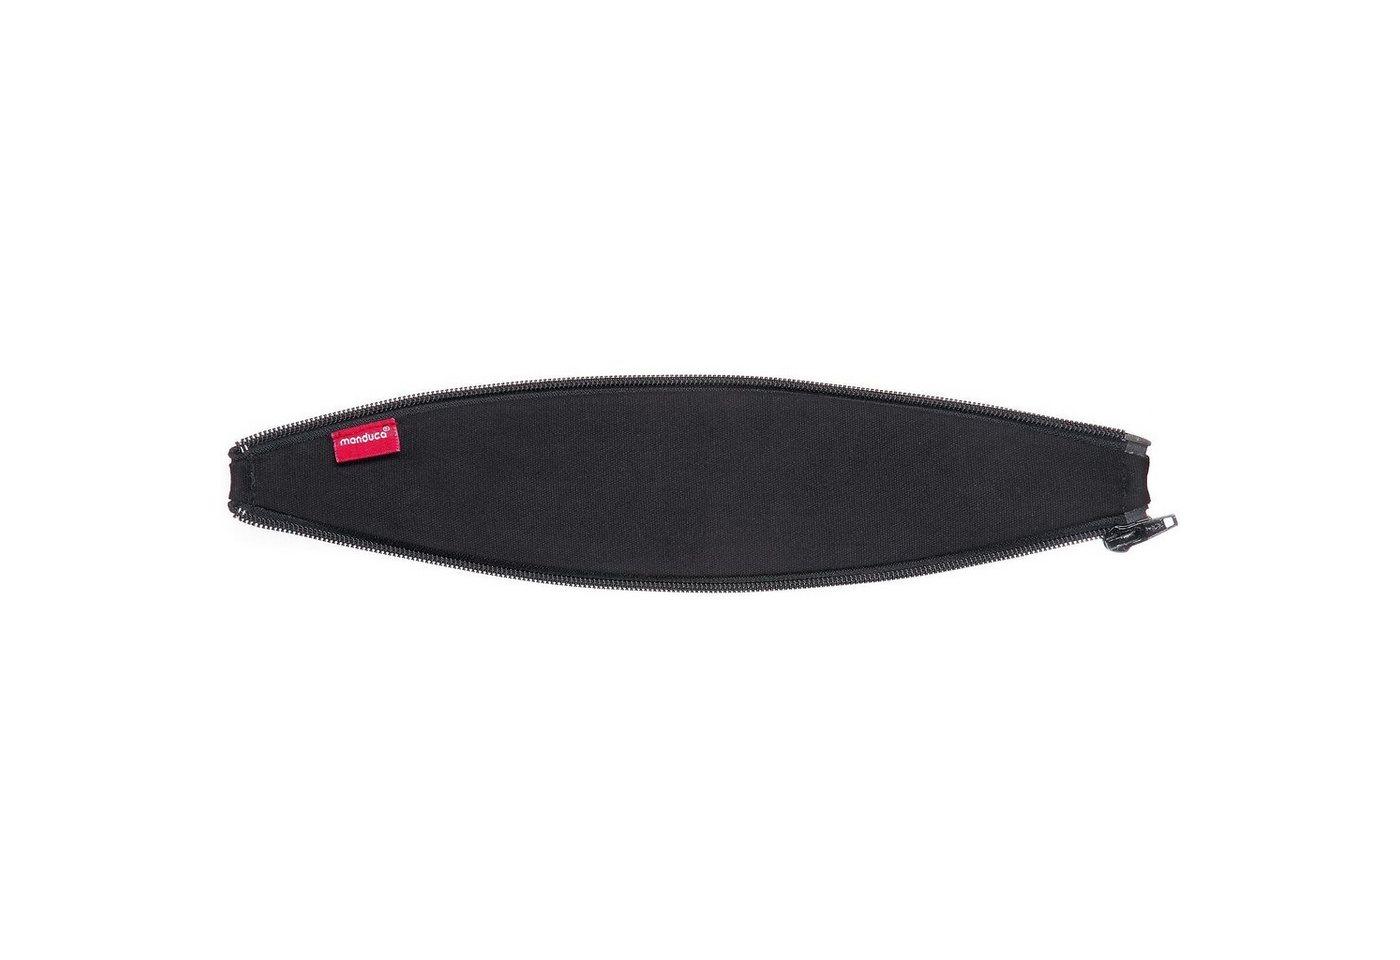 manduca Reißverschlusseinsatz für Rückenverlängerung Zipln Ellipse schwarz   04250371702775